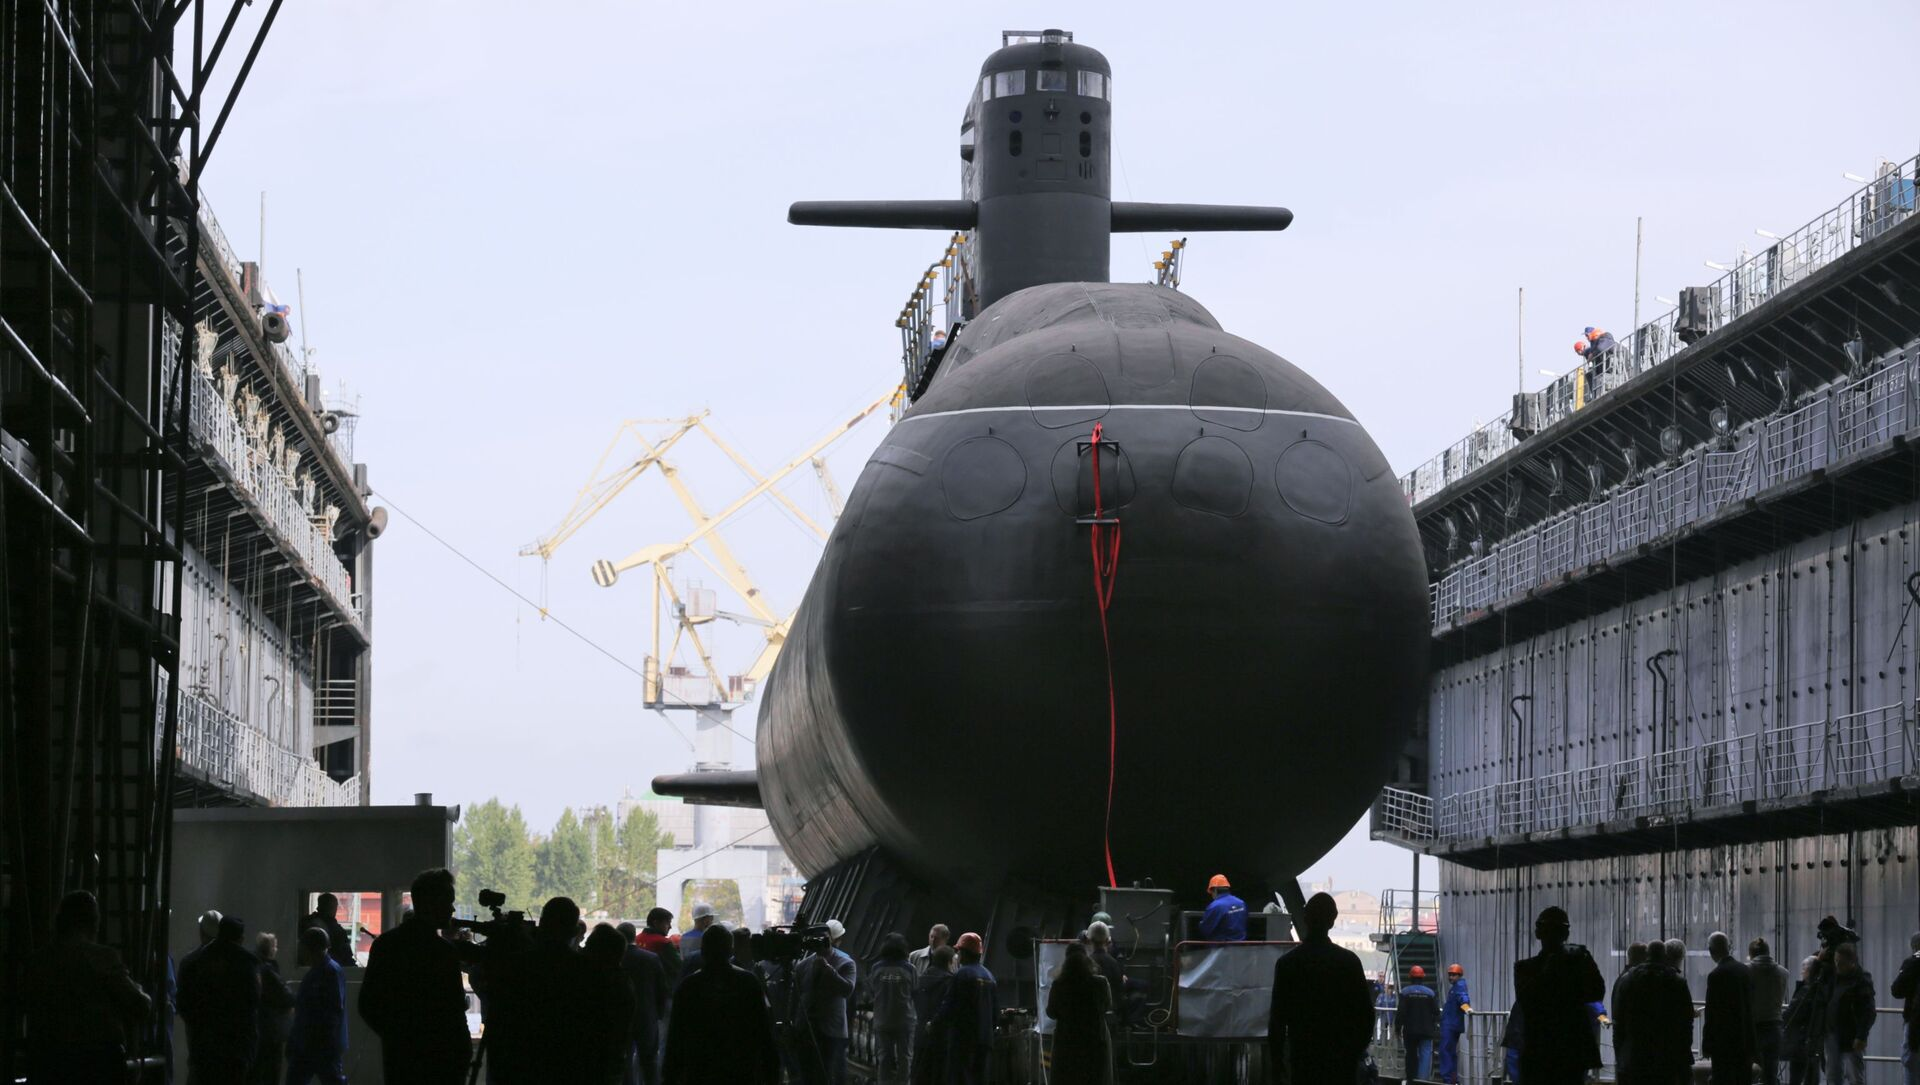 """Uroczysta ceremonia zwodowania okrętu podwodnego z silnikiem spalinowym """"Kronstadt"""" w Petersburgu - Sputnik Polska, 1920, 03.03.2021"""